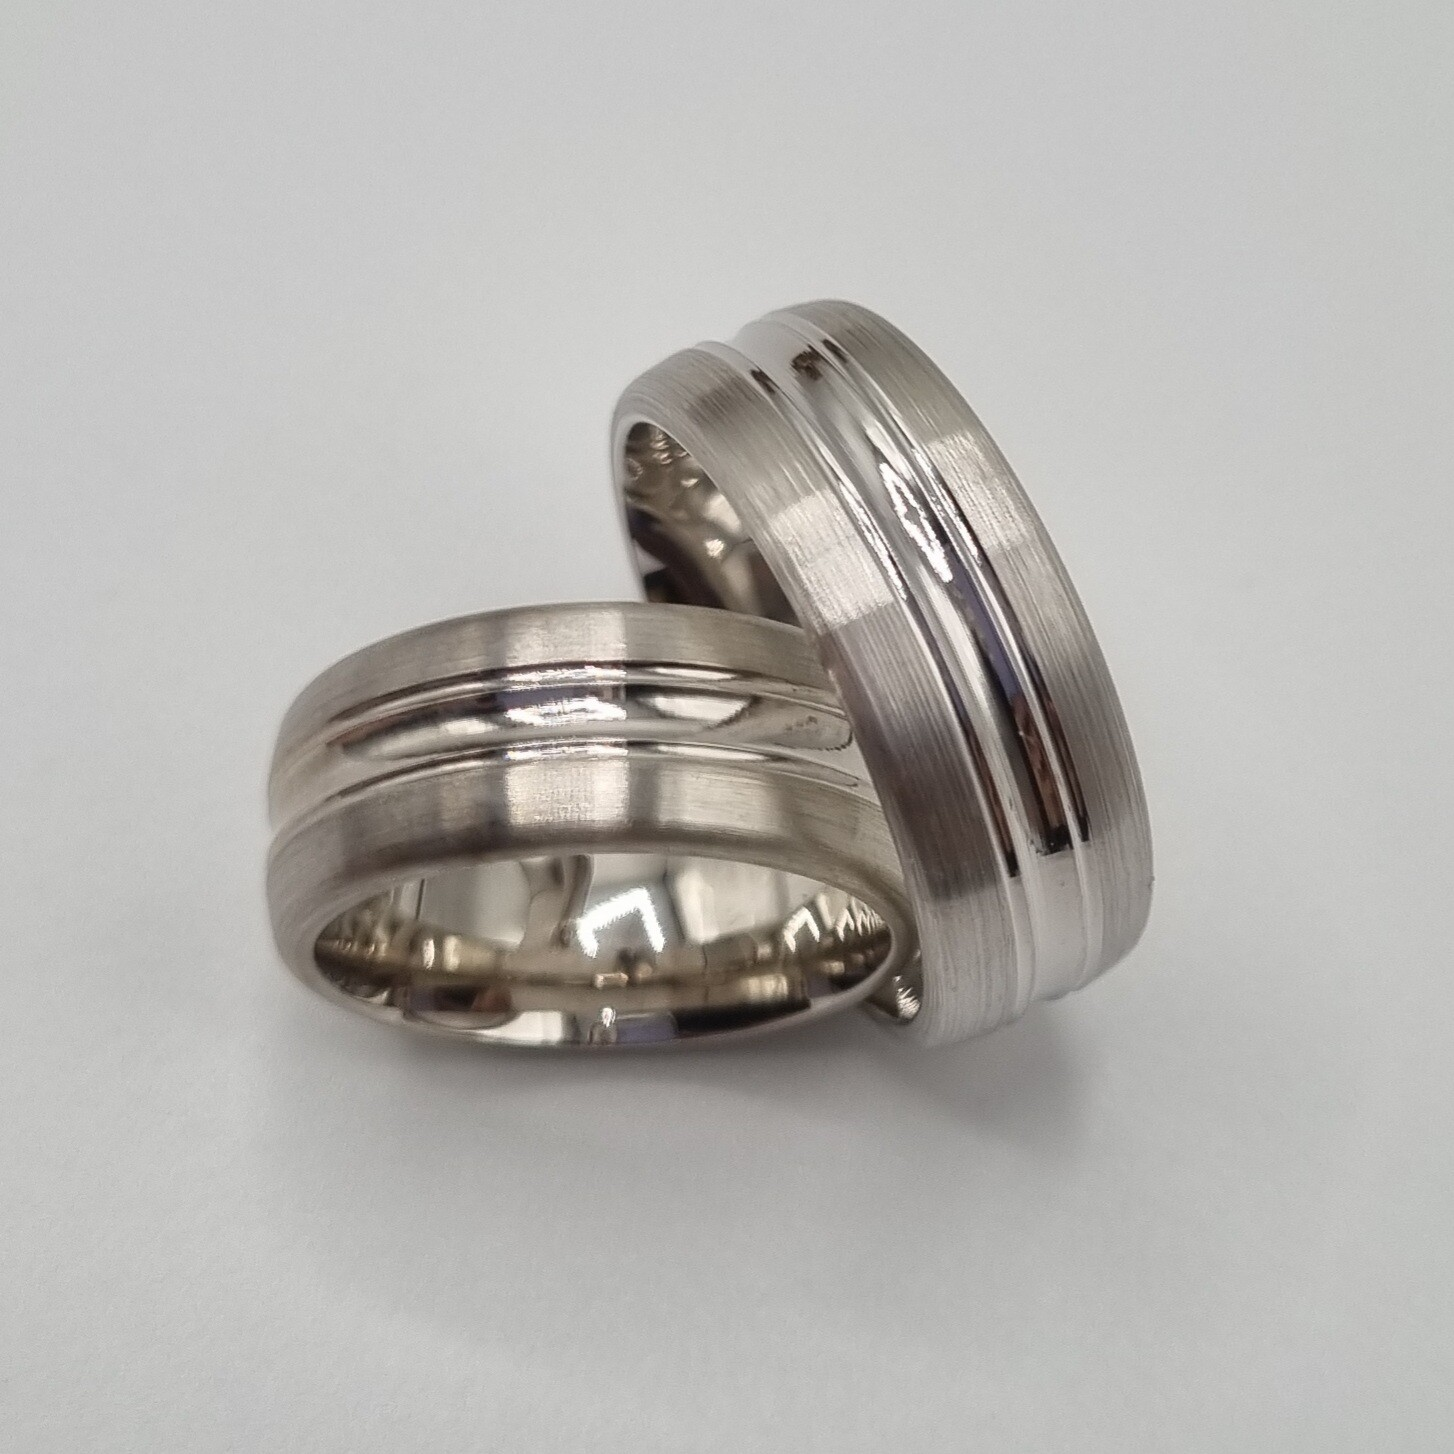 Partnerringe Silber